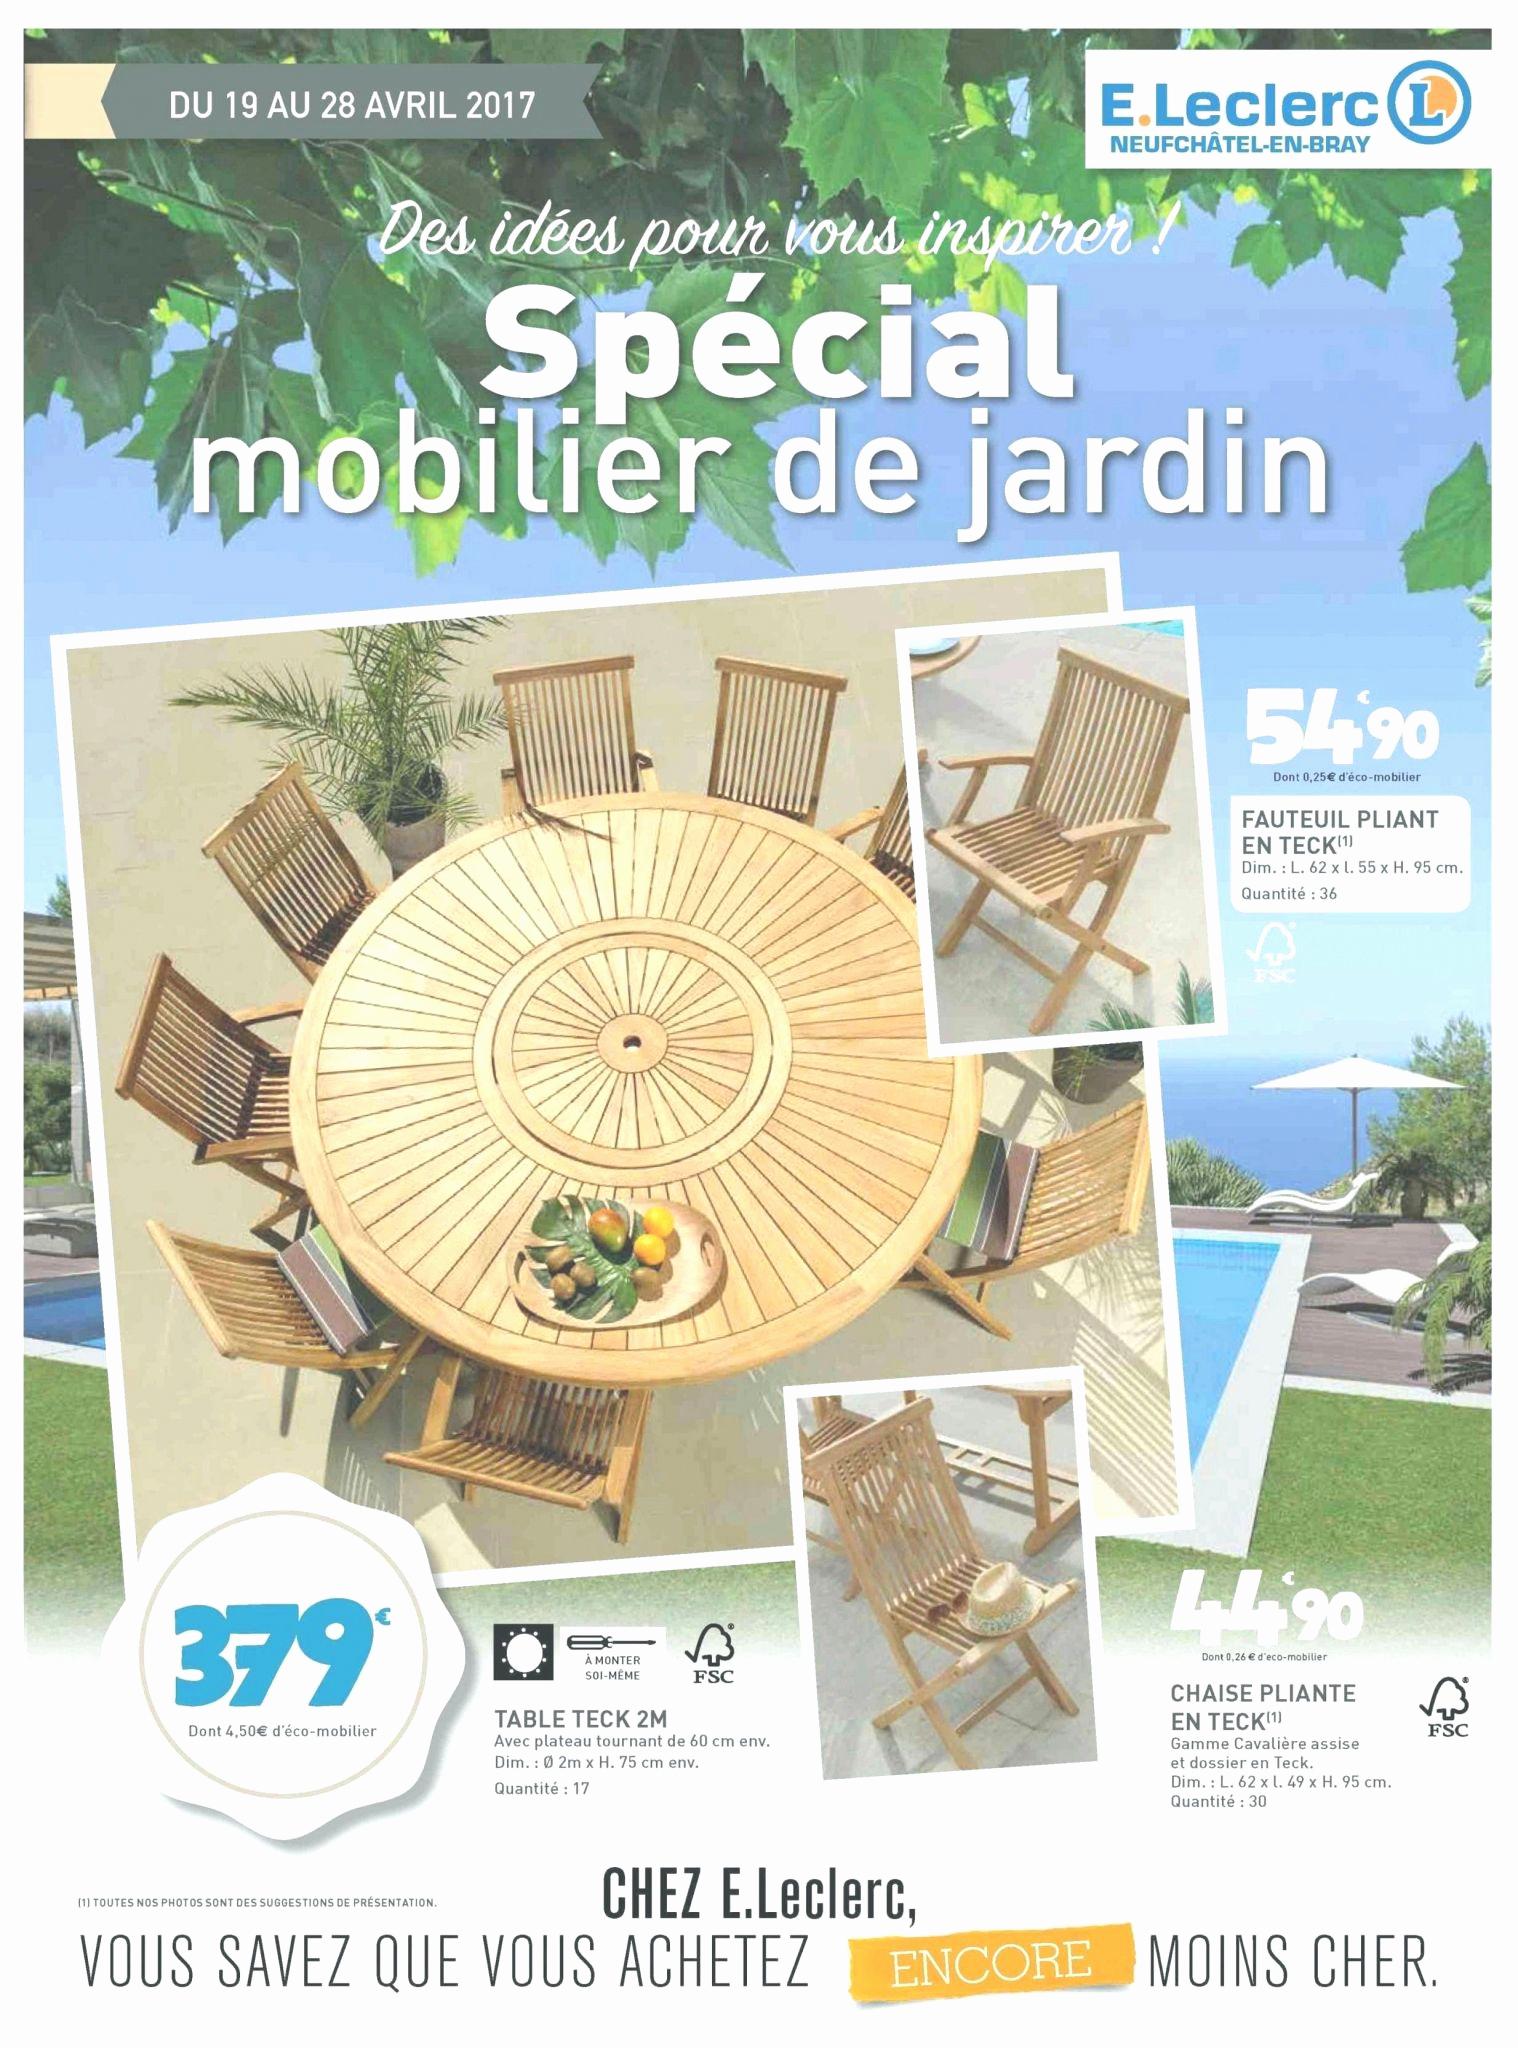 salon de jardin leclerc catalogue 2017 le meilleur de table de jardin 8 personnes et catalogue salon de jardin leclerc of salon de jardin leclerc catalogue 2017